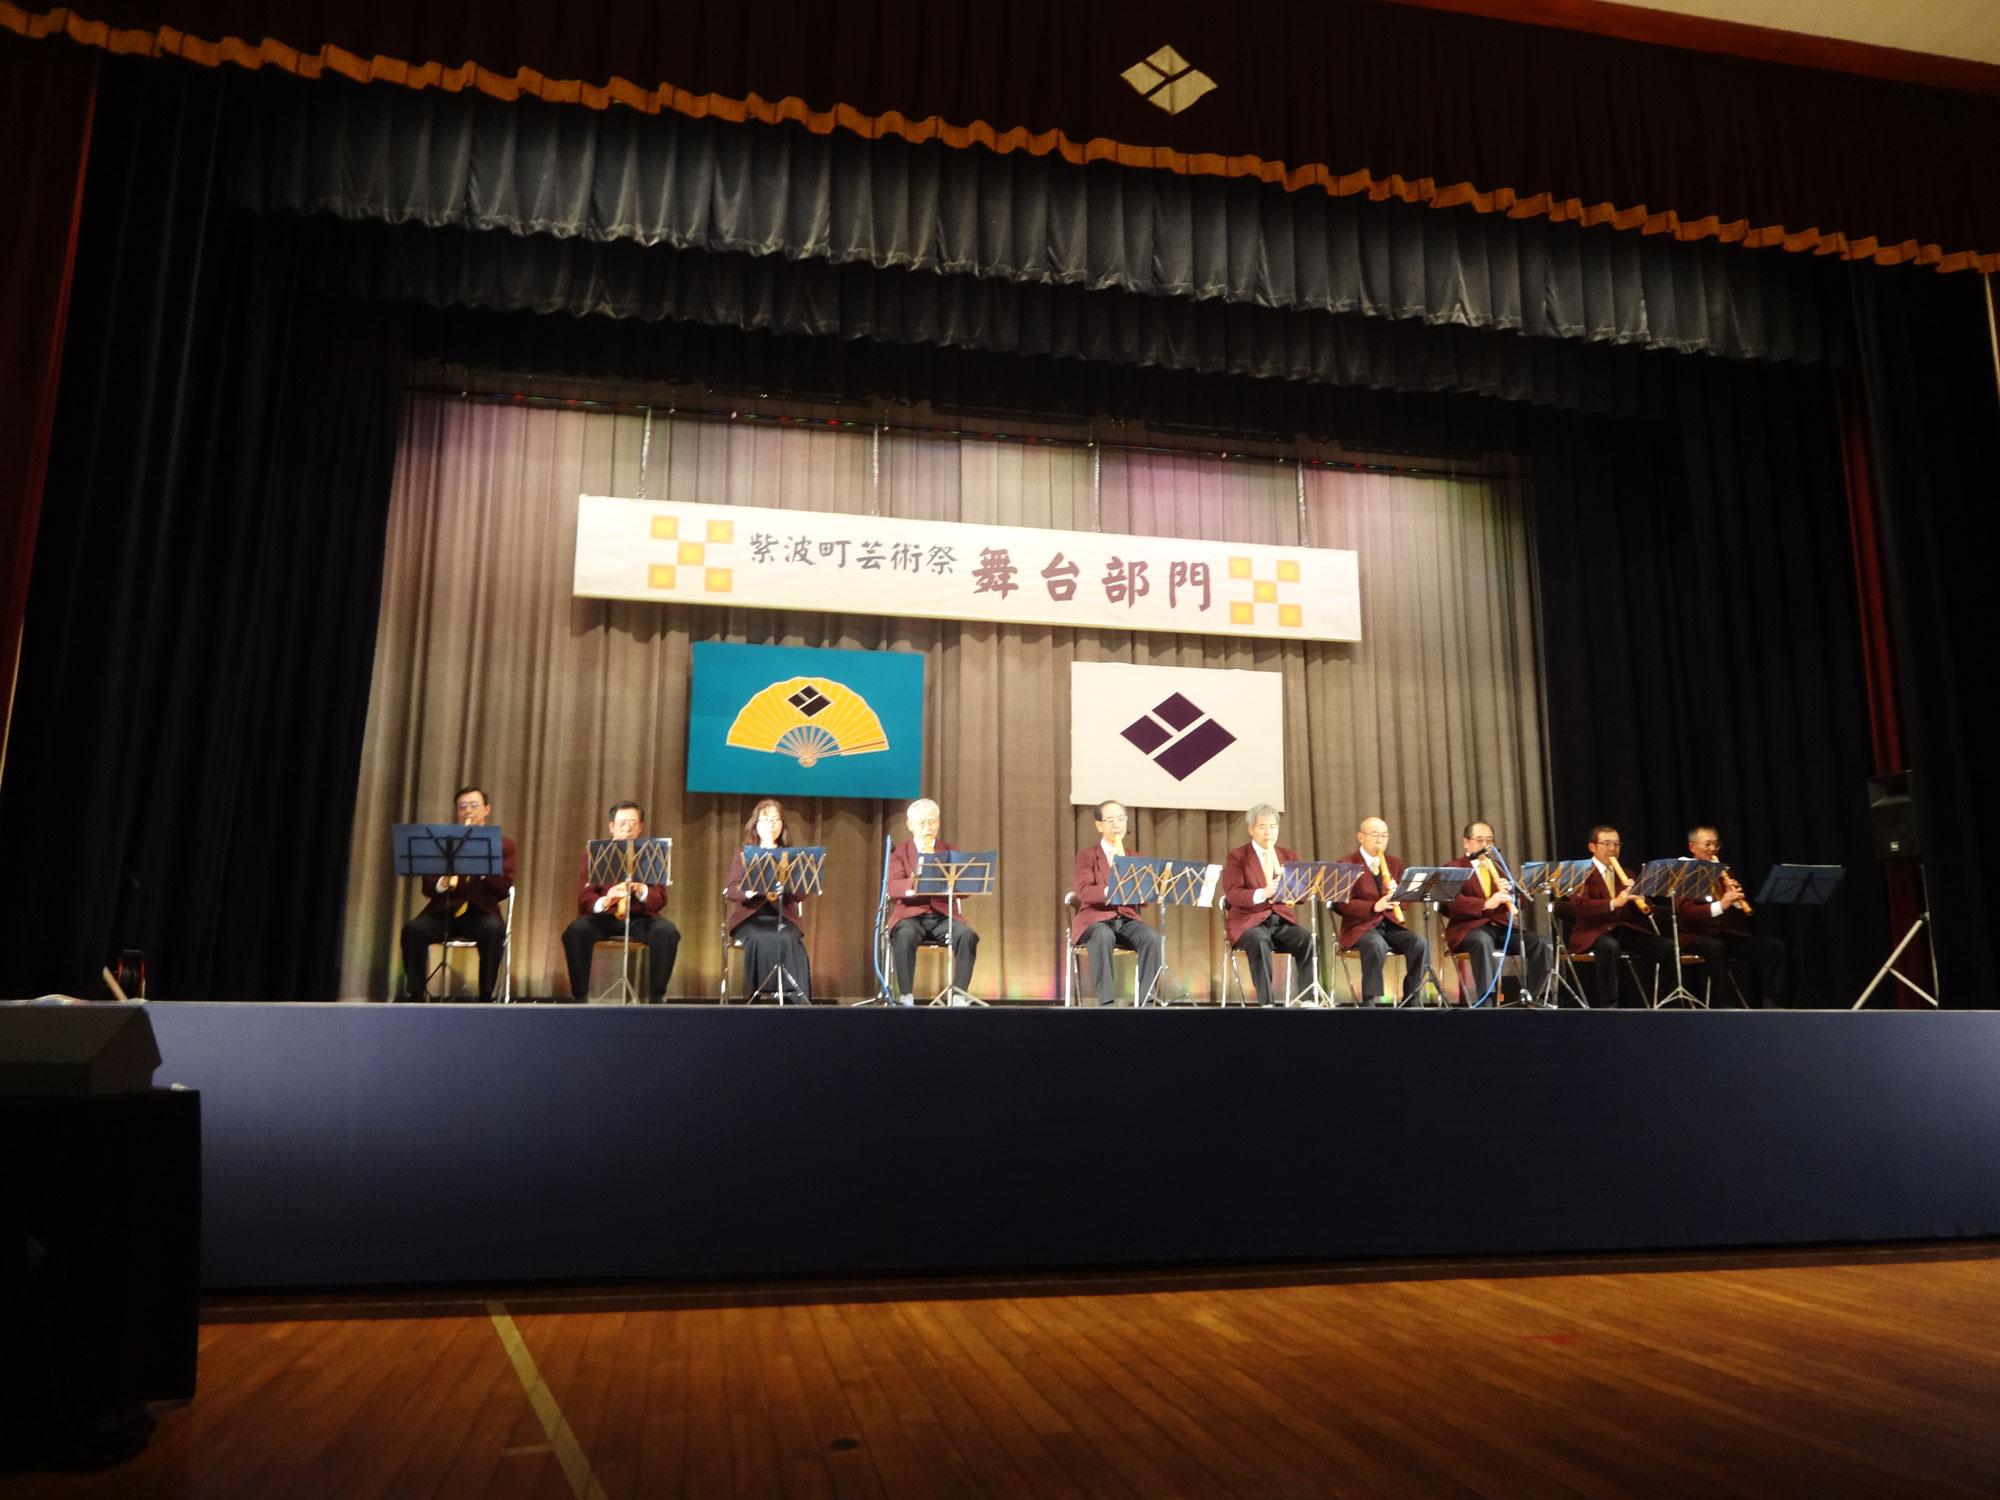 平成29年紫波町芸術祭で尺八演奏